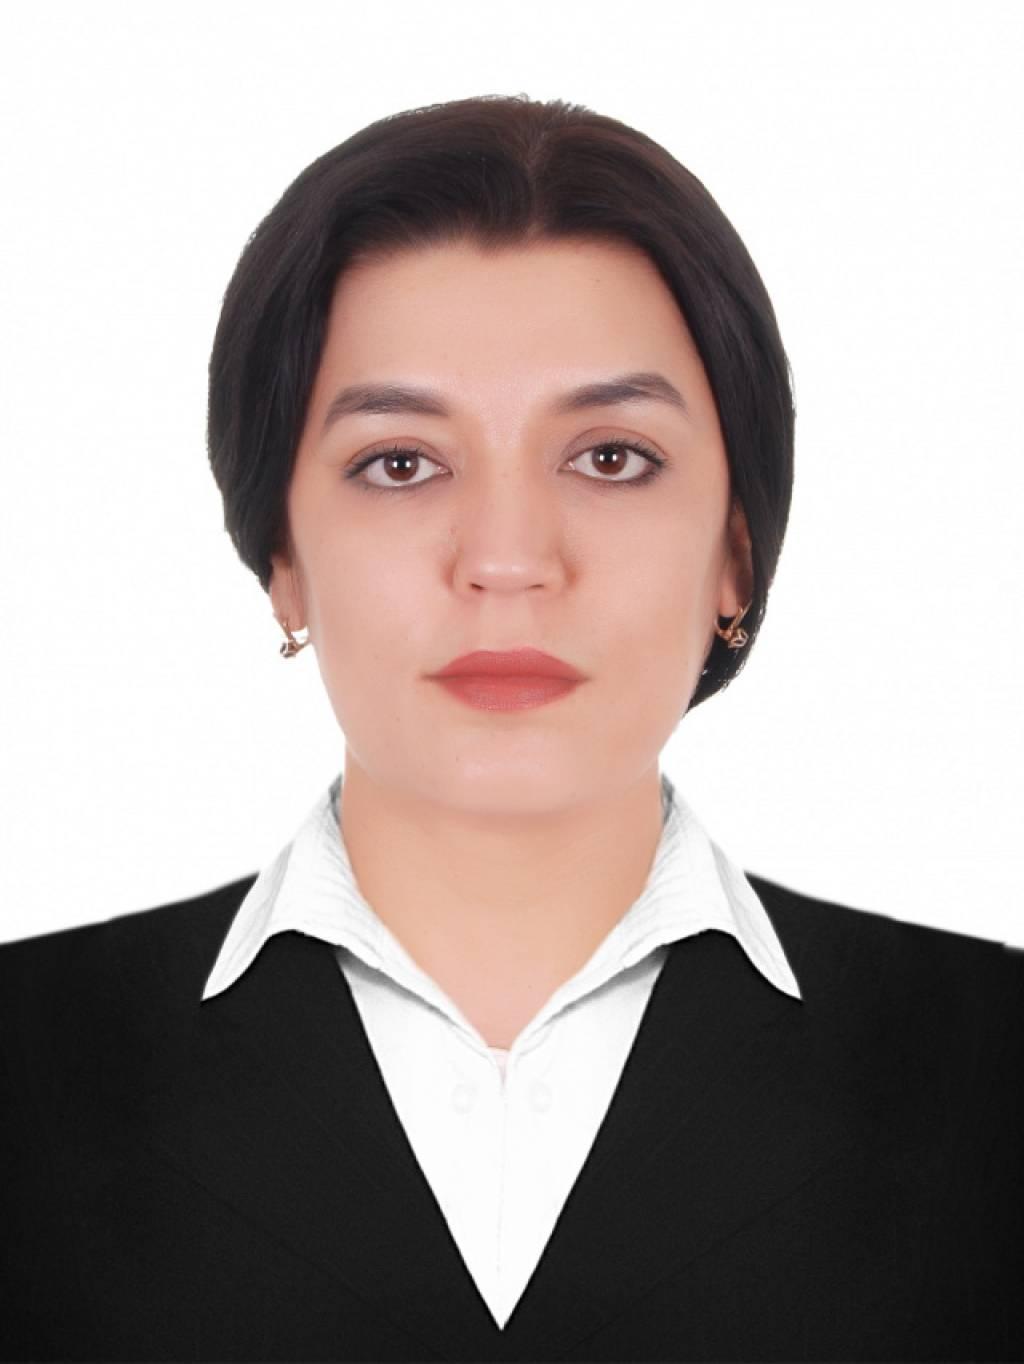 кардиолог каримджанова